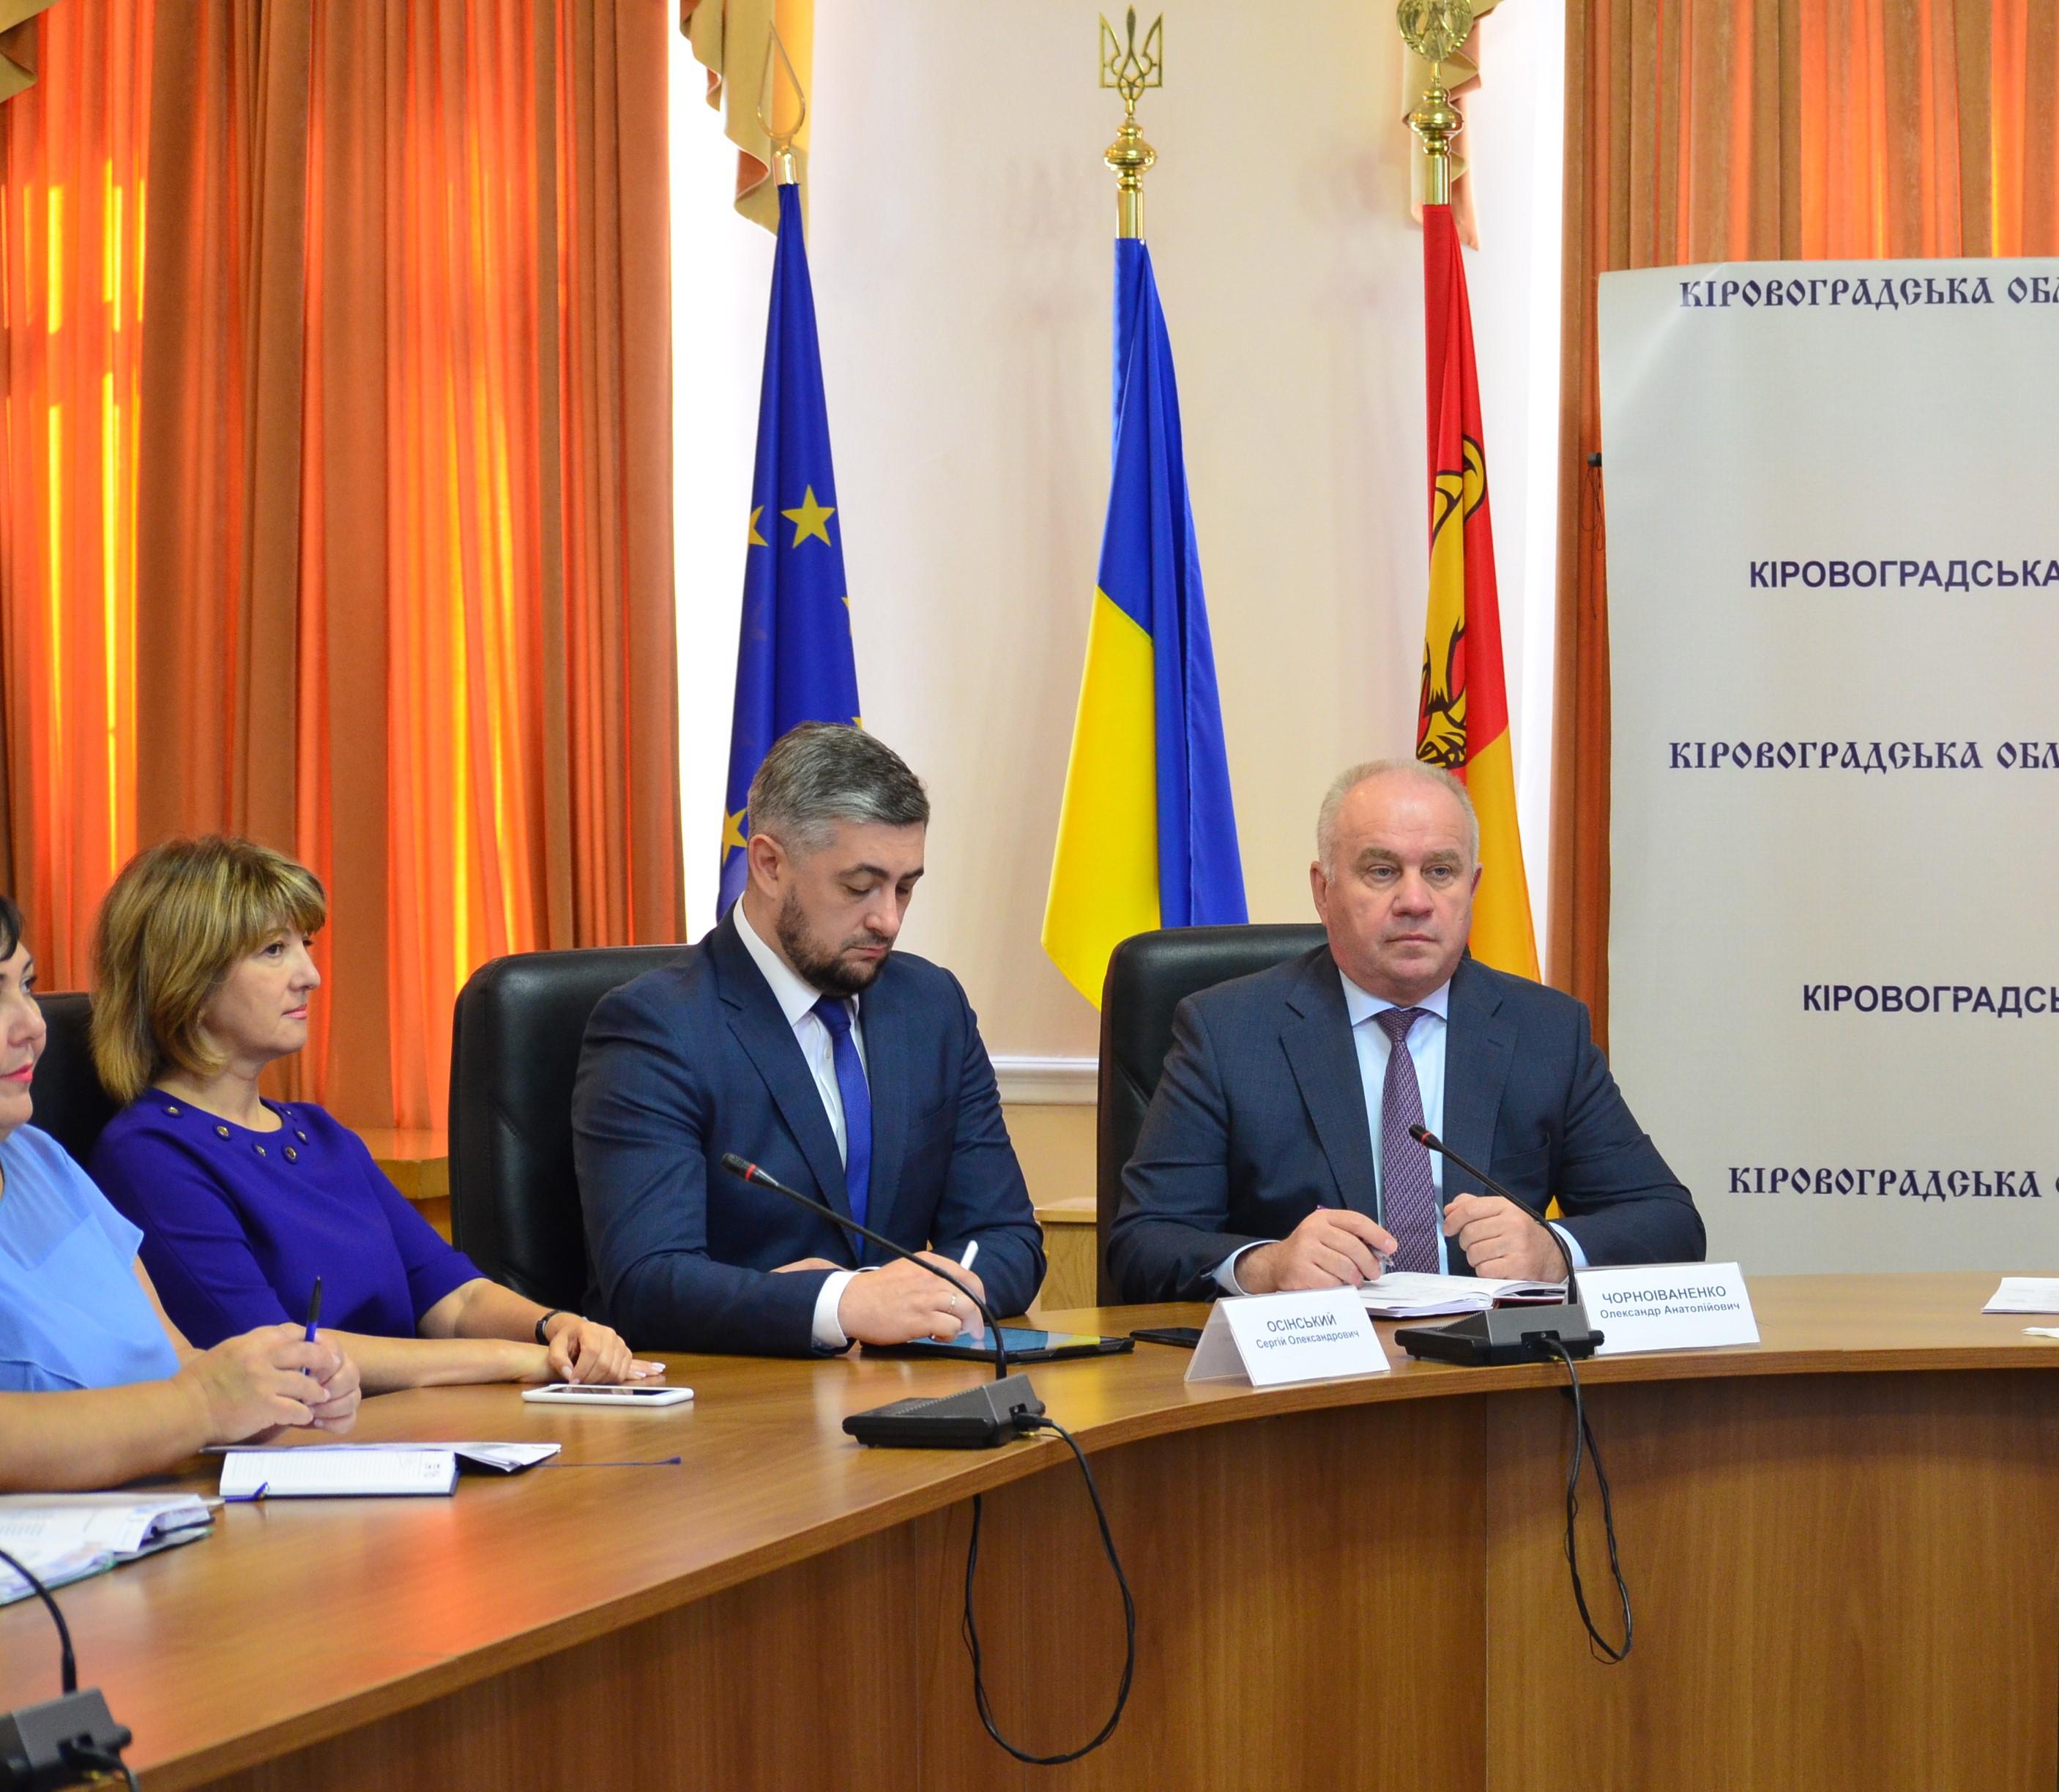 Наступна сесія Кіровоградської oблради відбудеться 17 вересня